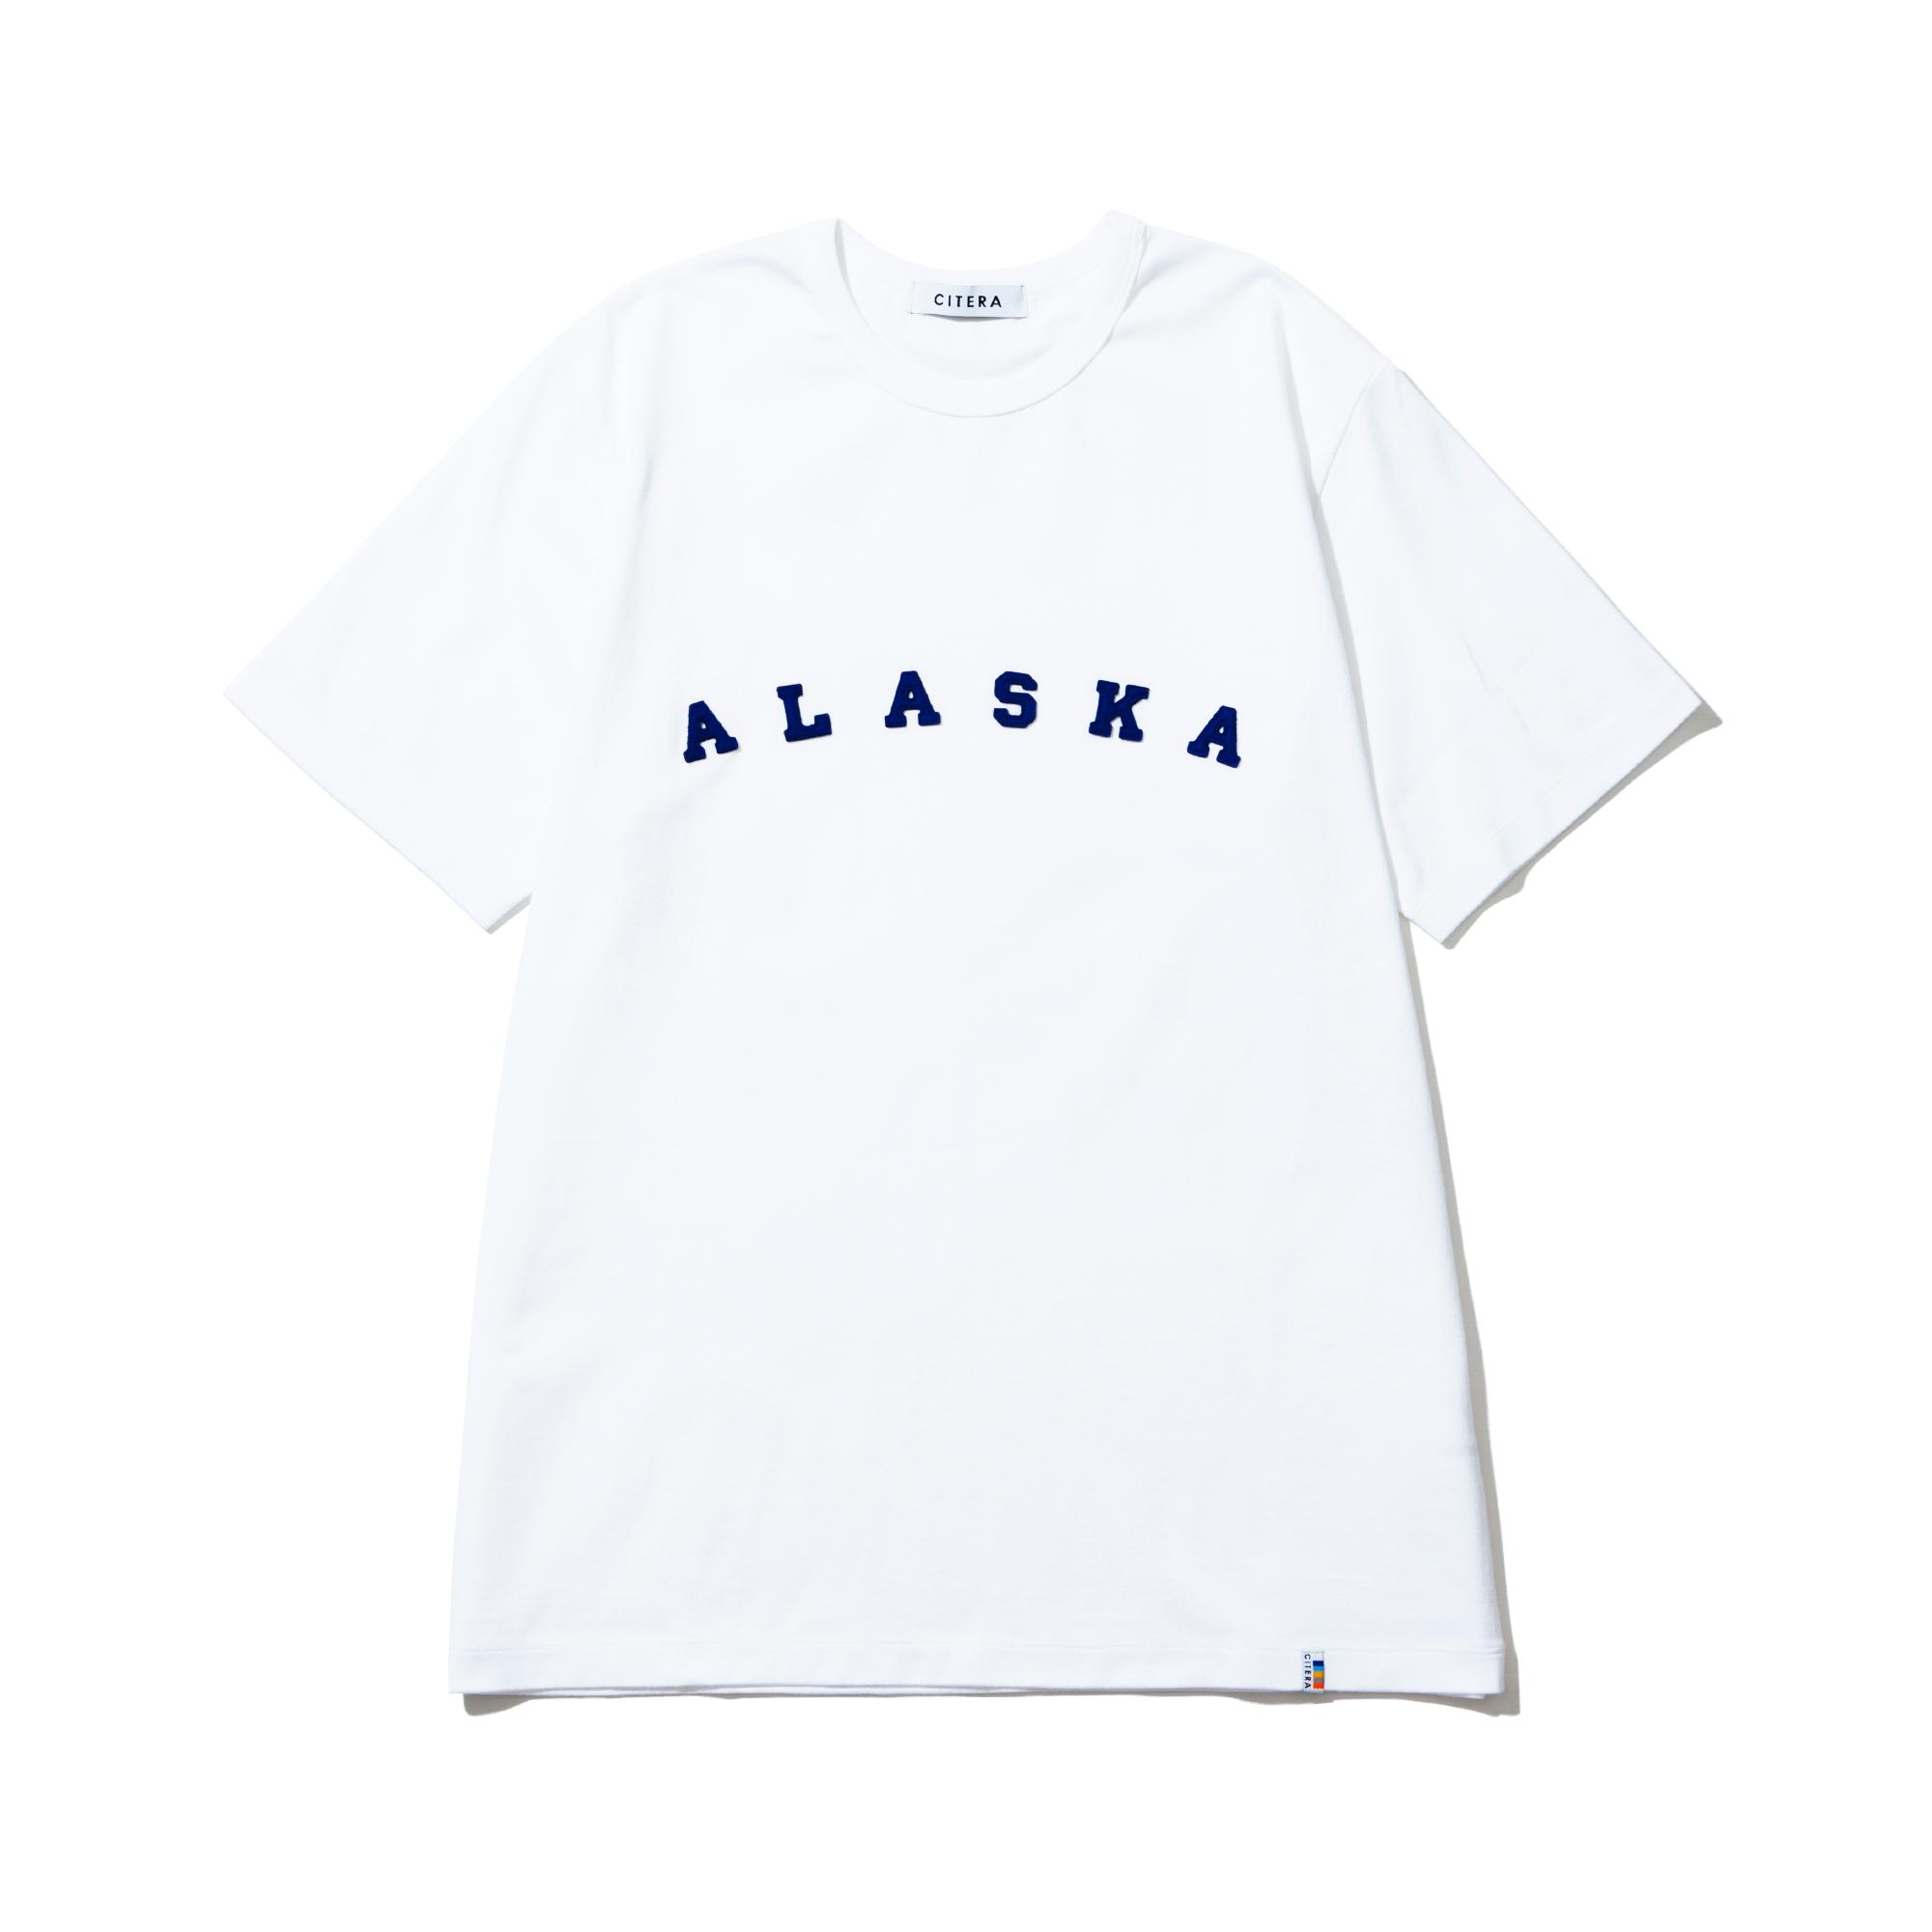 01_Tshirts_AK